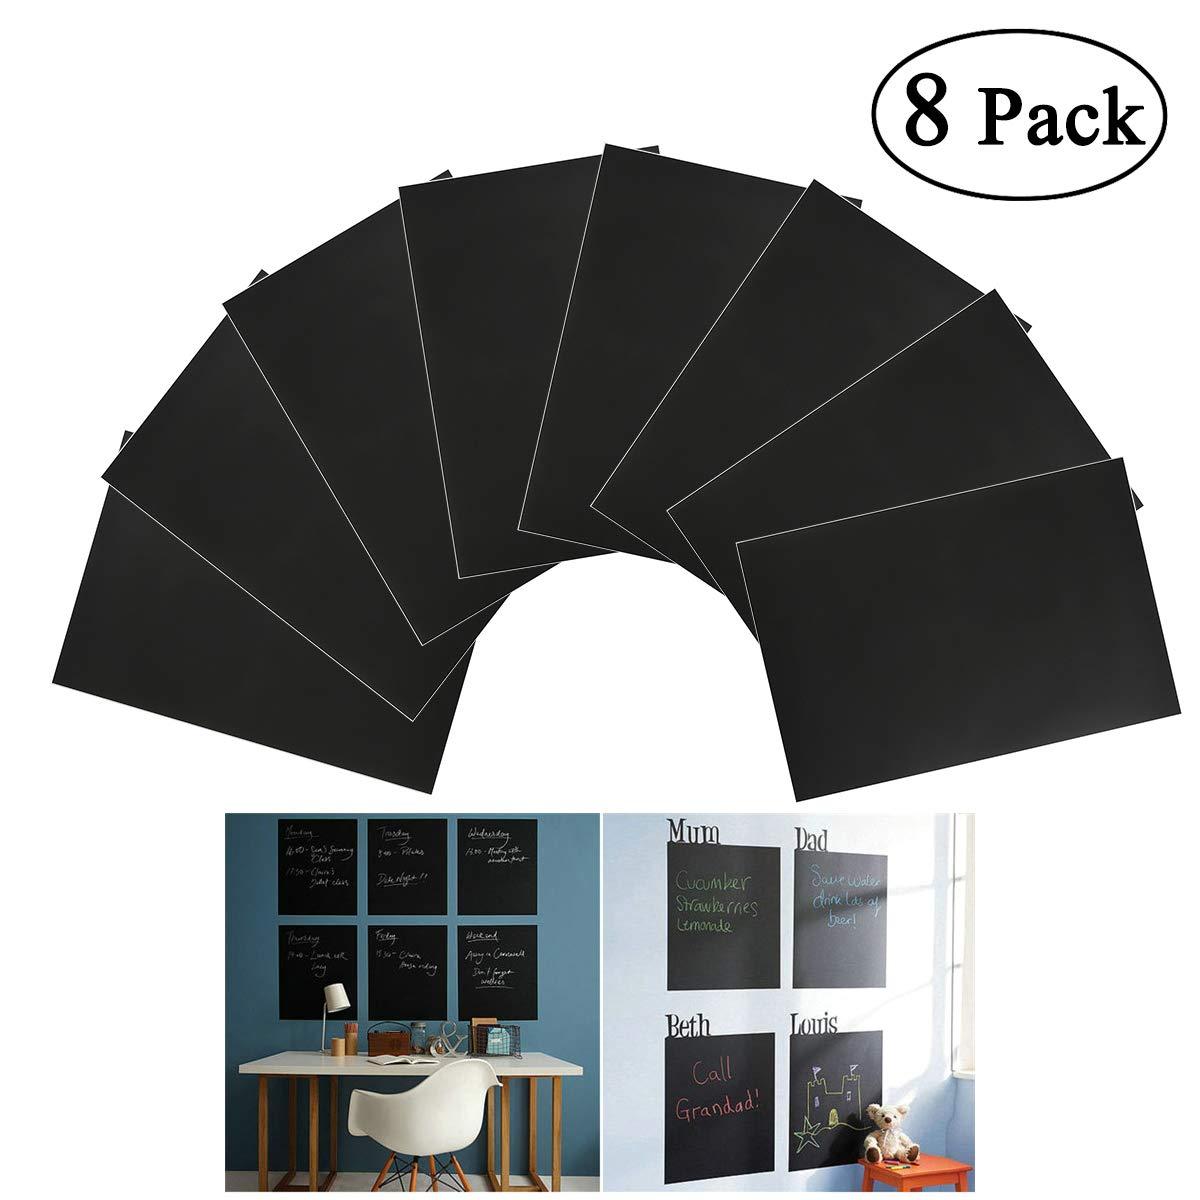 NUOLUX Rimovibile A4 dimensioni lavagna Wall Sticker Decal con 1 gesso 8pcs (nero)